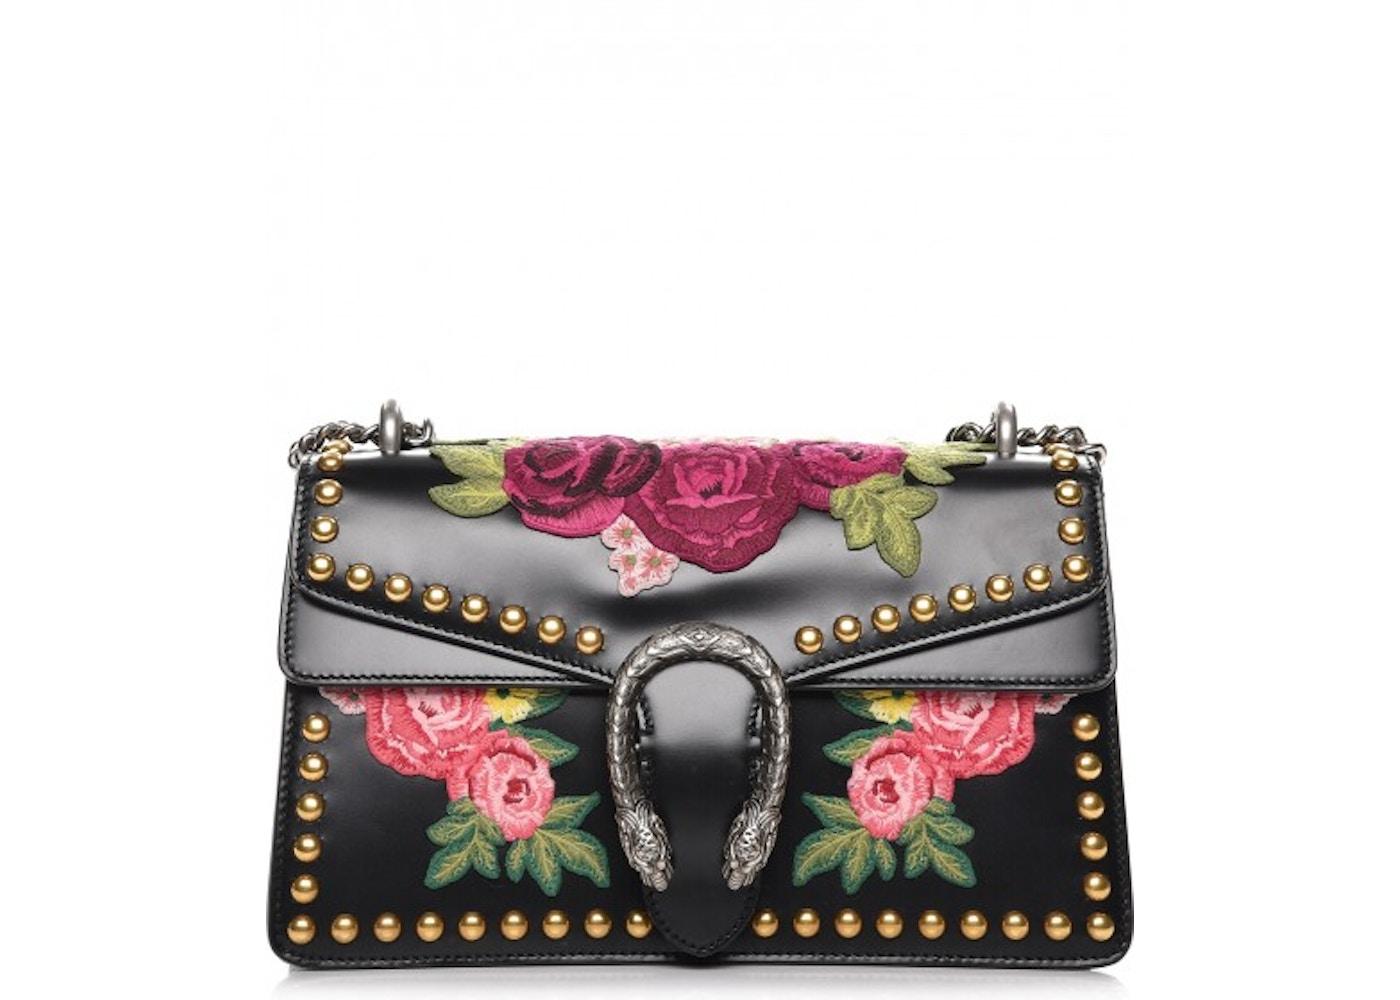 e219113e8e0 Gucci Dionysus Shoulder Flower Embroidered Studded Small Black. Flower  Embroidered Studded Small Black